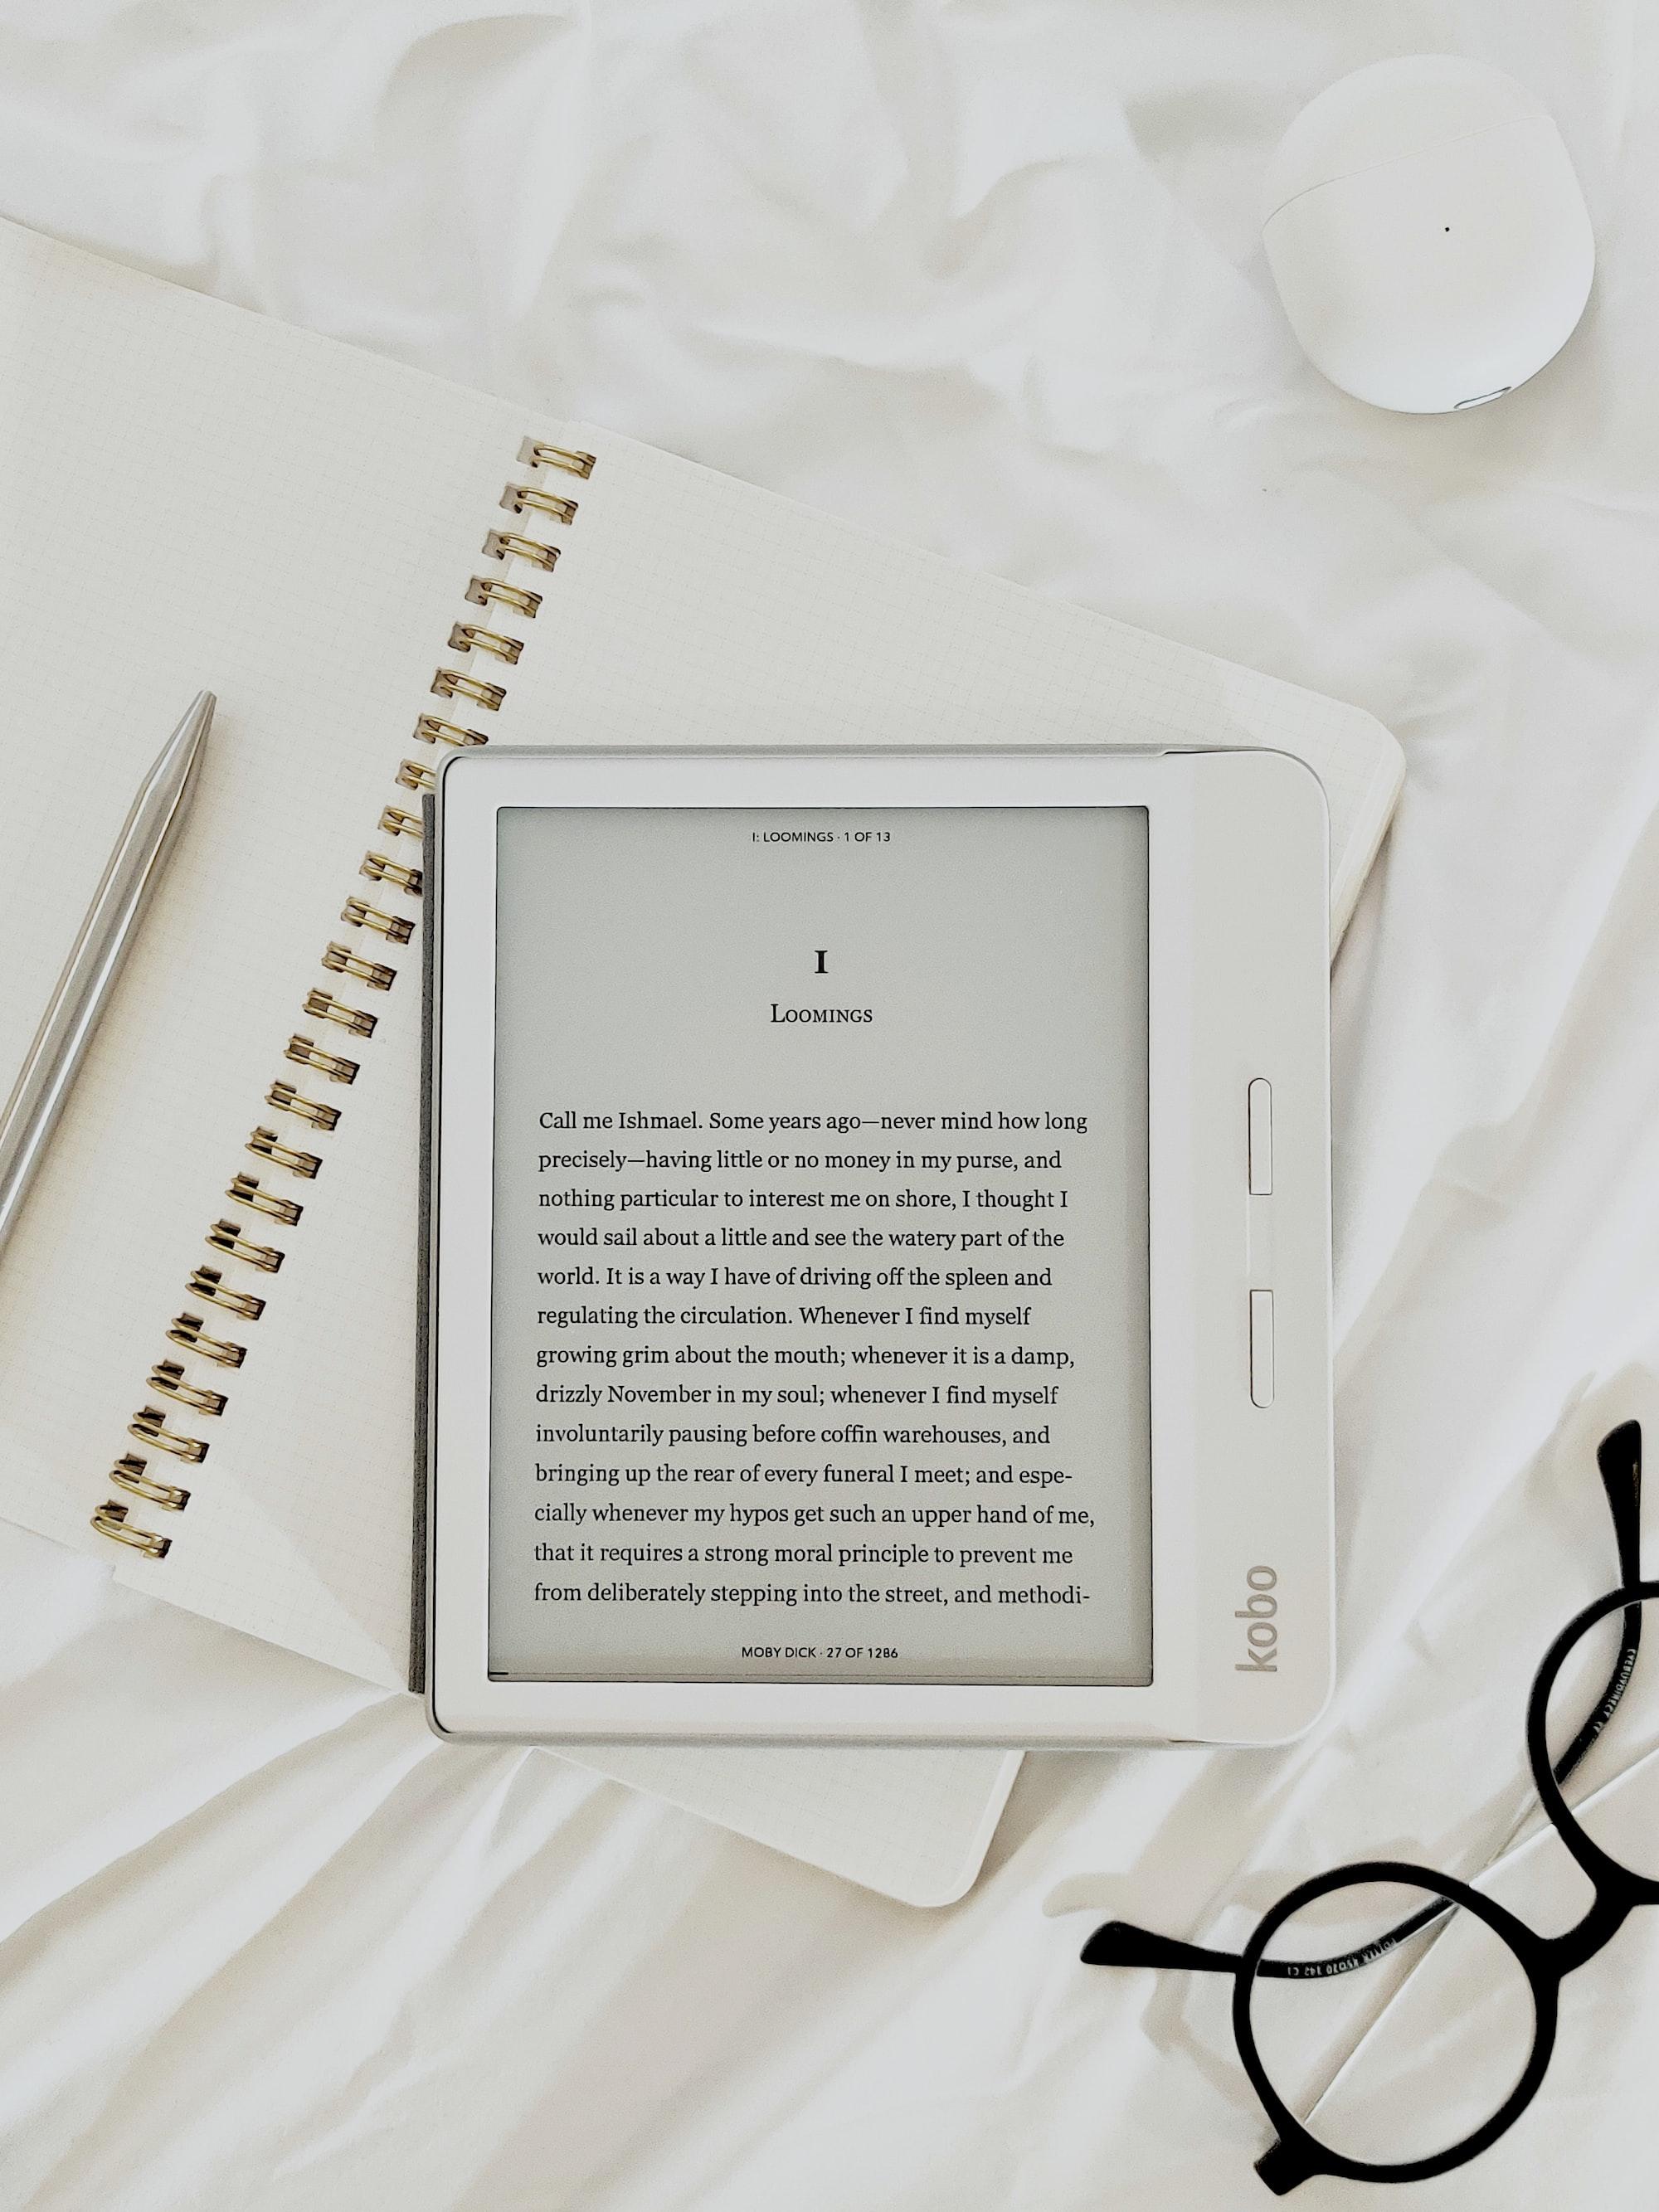 Aprimorando a publicação do seu ebook no Leanpub